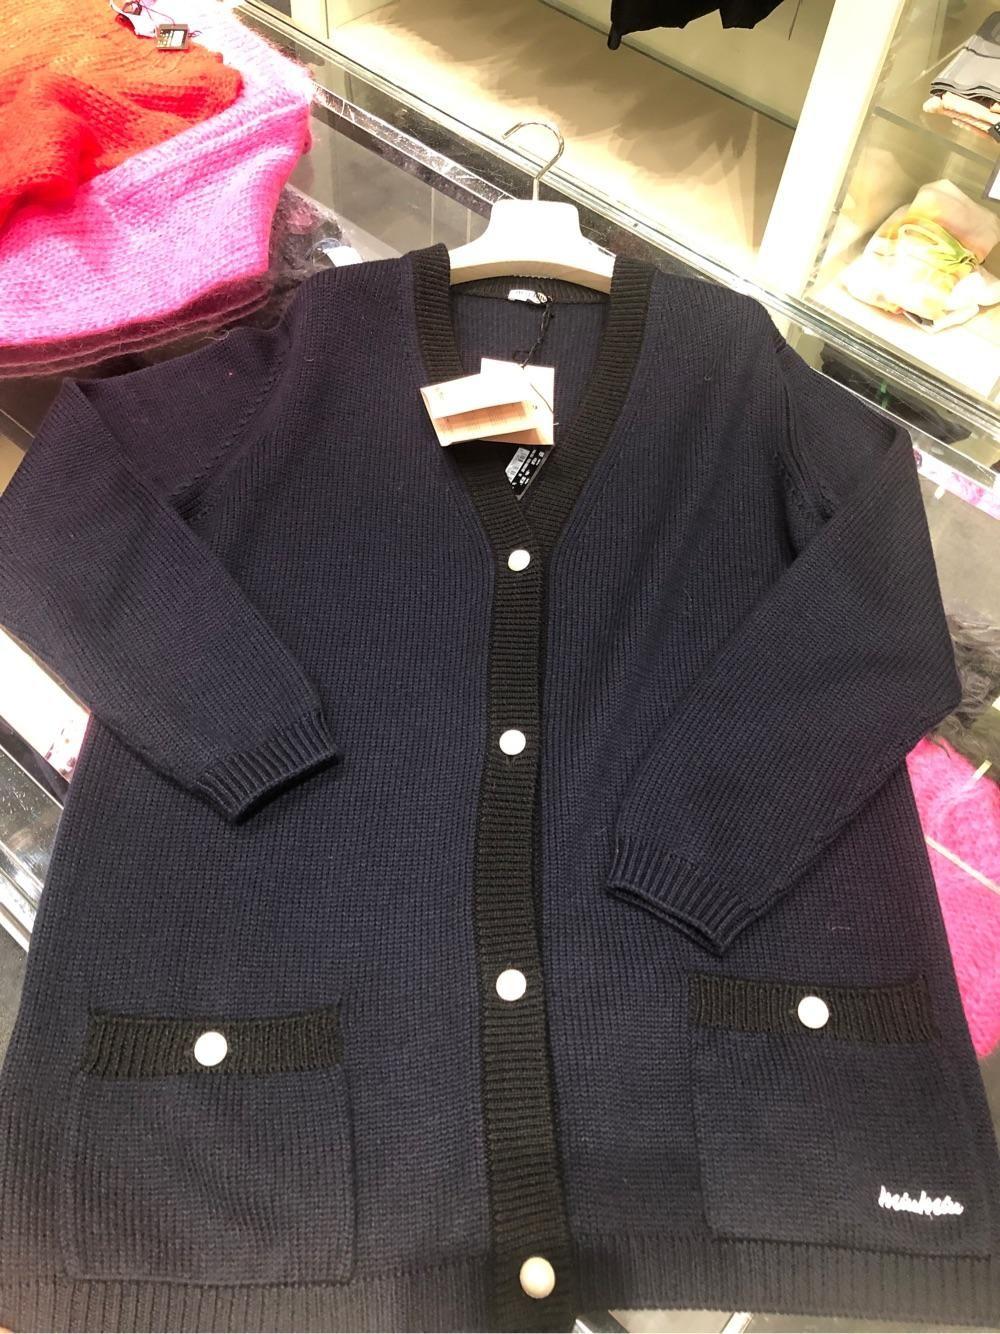 miumiu 女士羊毛外套刺绣标珍珠扣子宽松版折上折现货38码